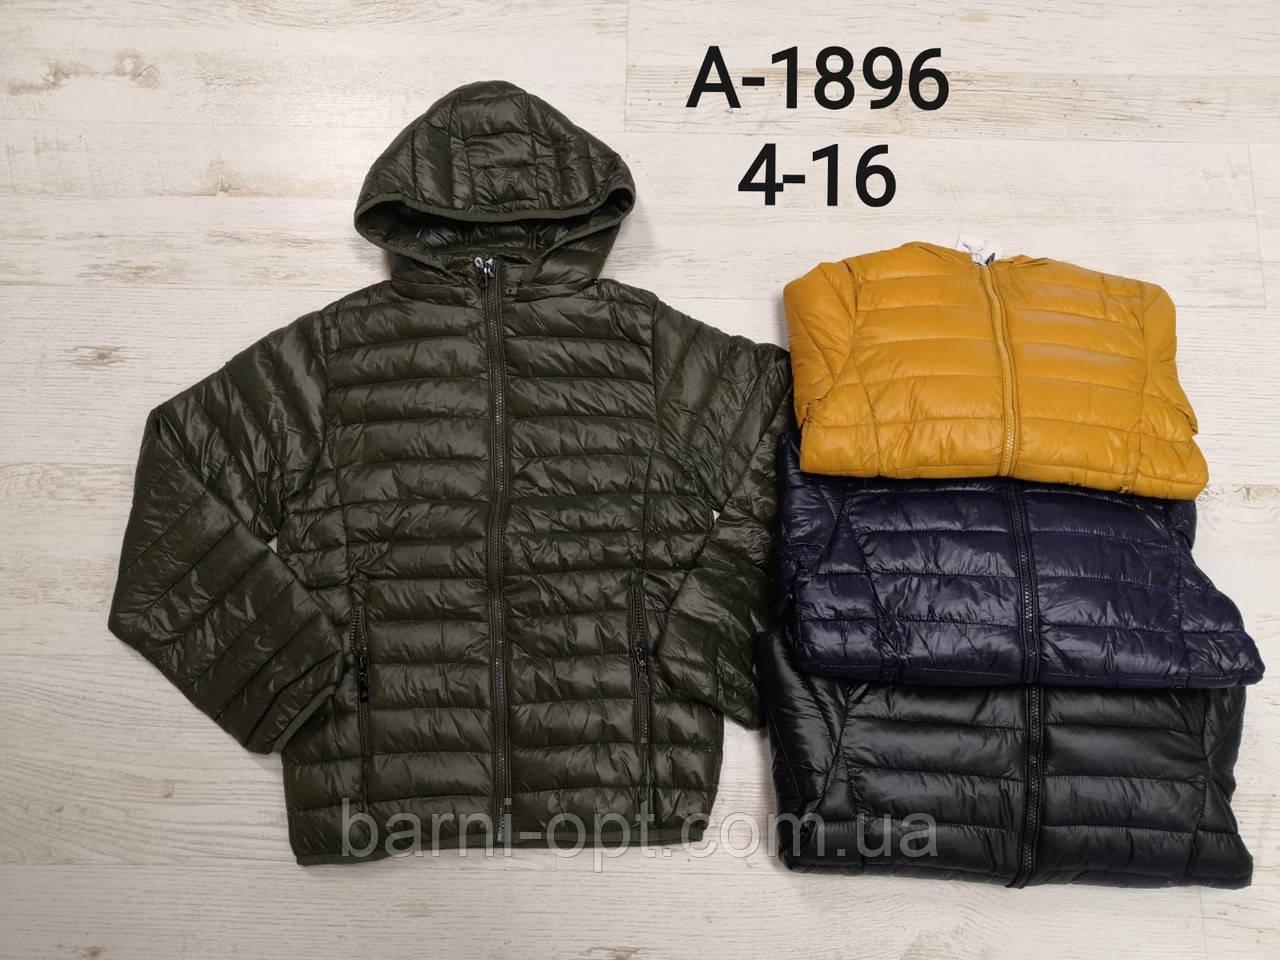 Куртки на мальчиков оптом, Sincere, 4-16 рр